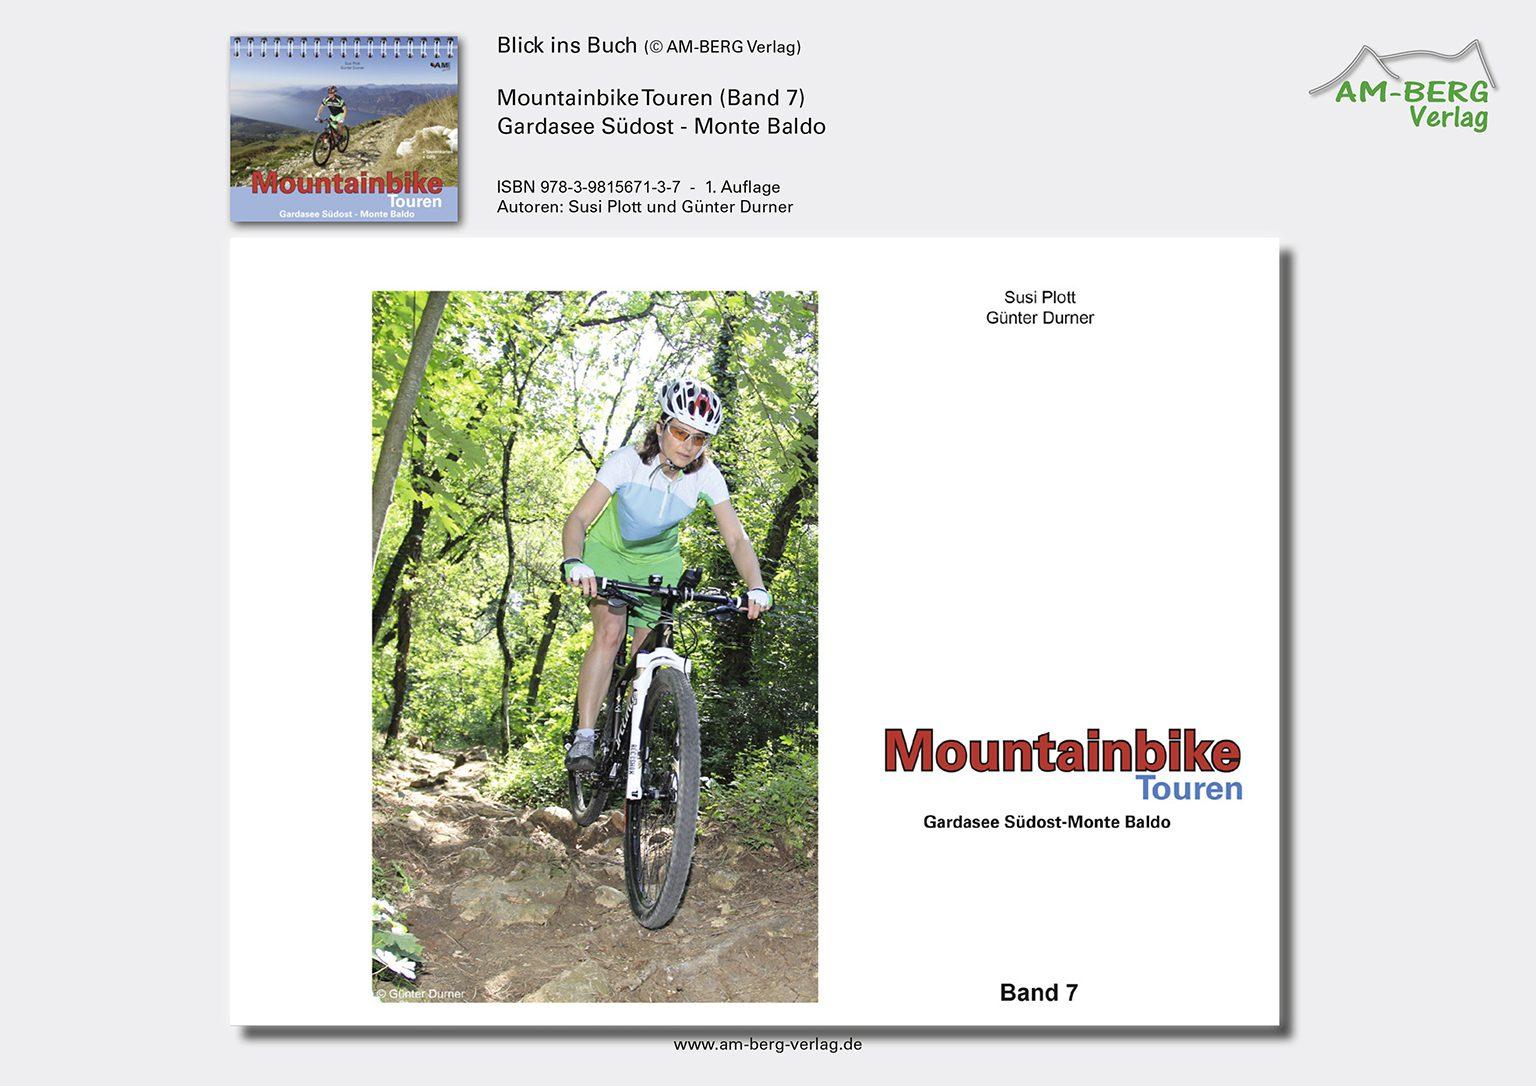 Mountainbike Touren Gardasee Südost - Monte Baldo_BlickinsBuch1